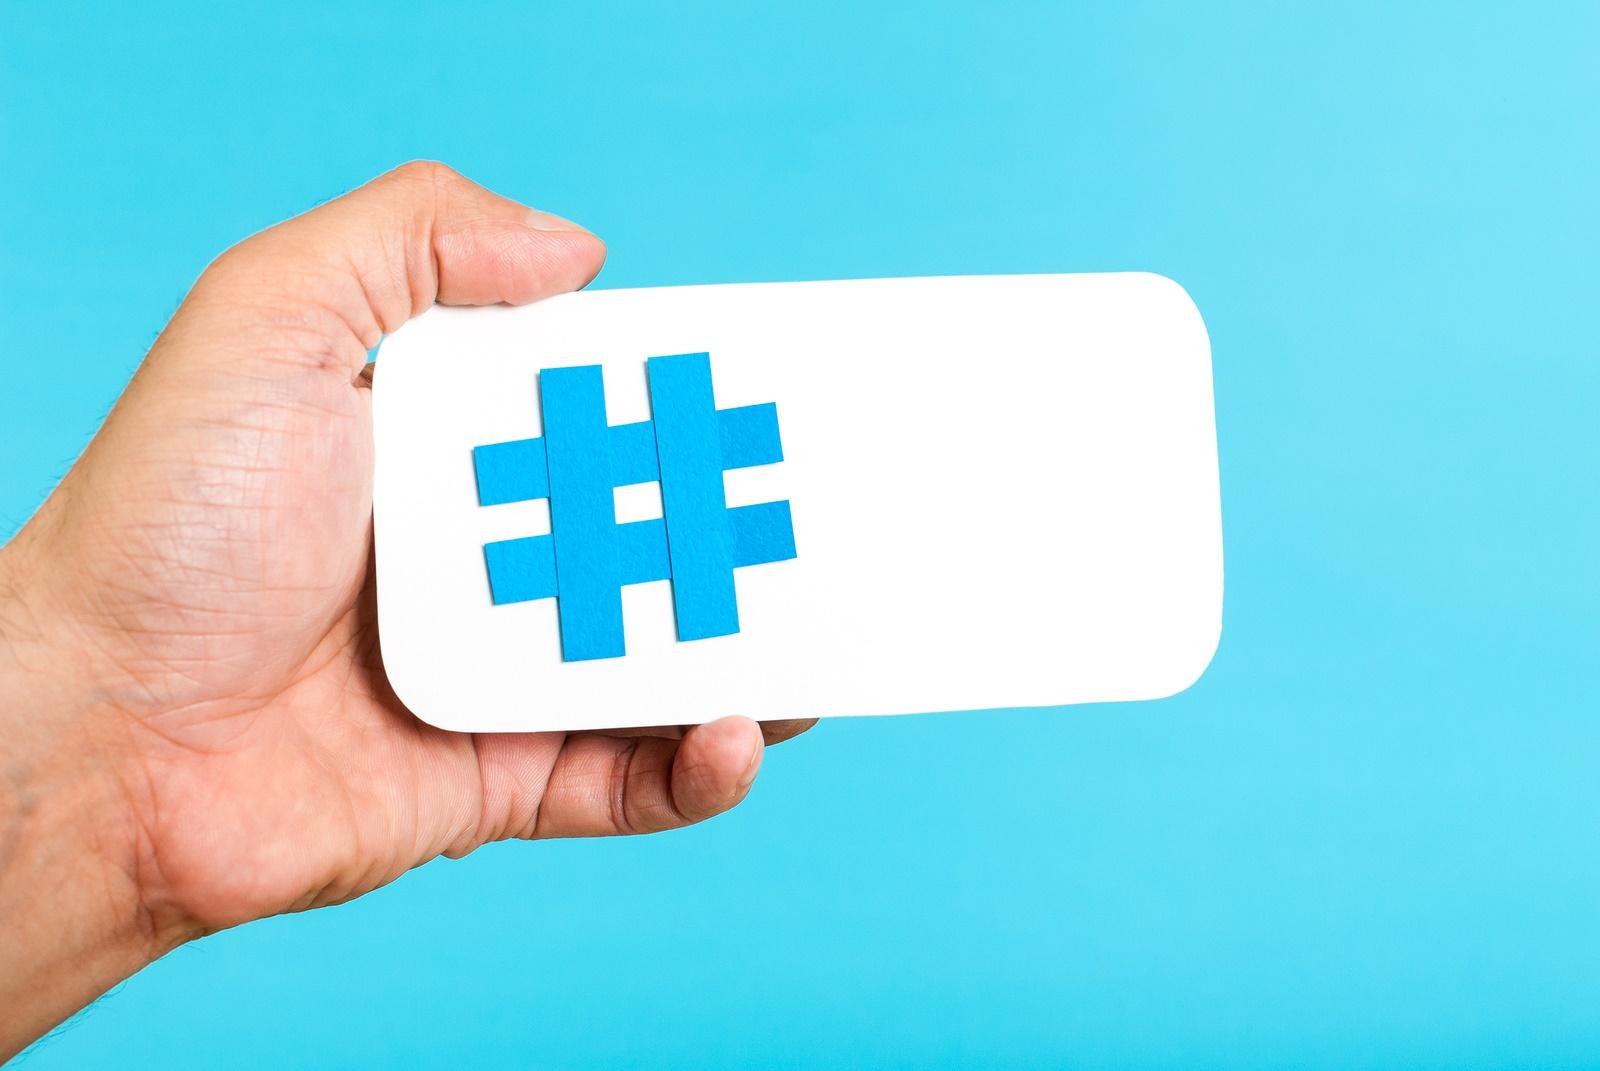 Cách sử dụng hashtag facebook hiệu quả bạn cần biết